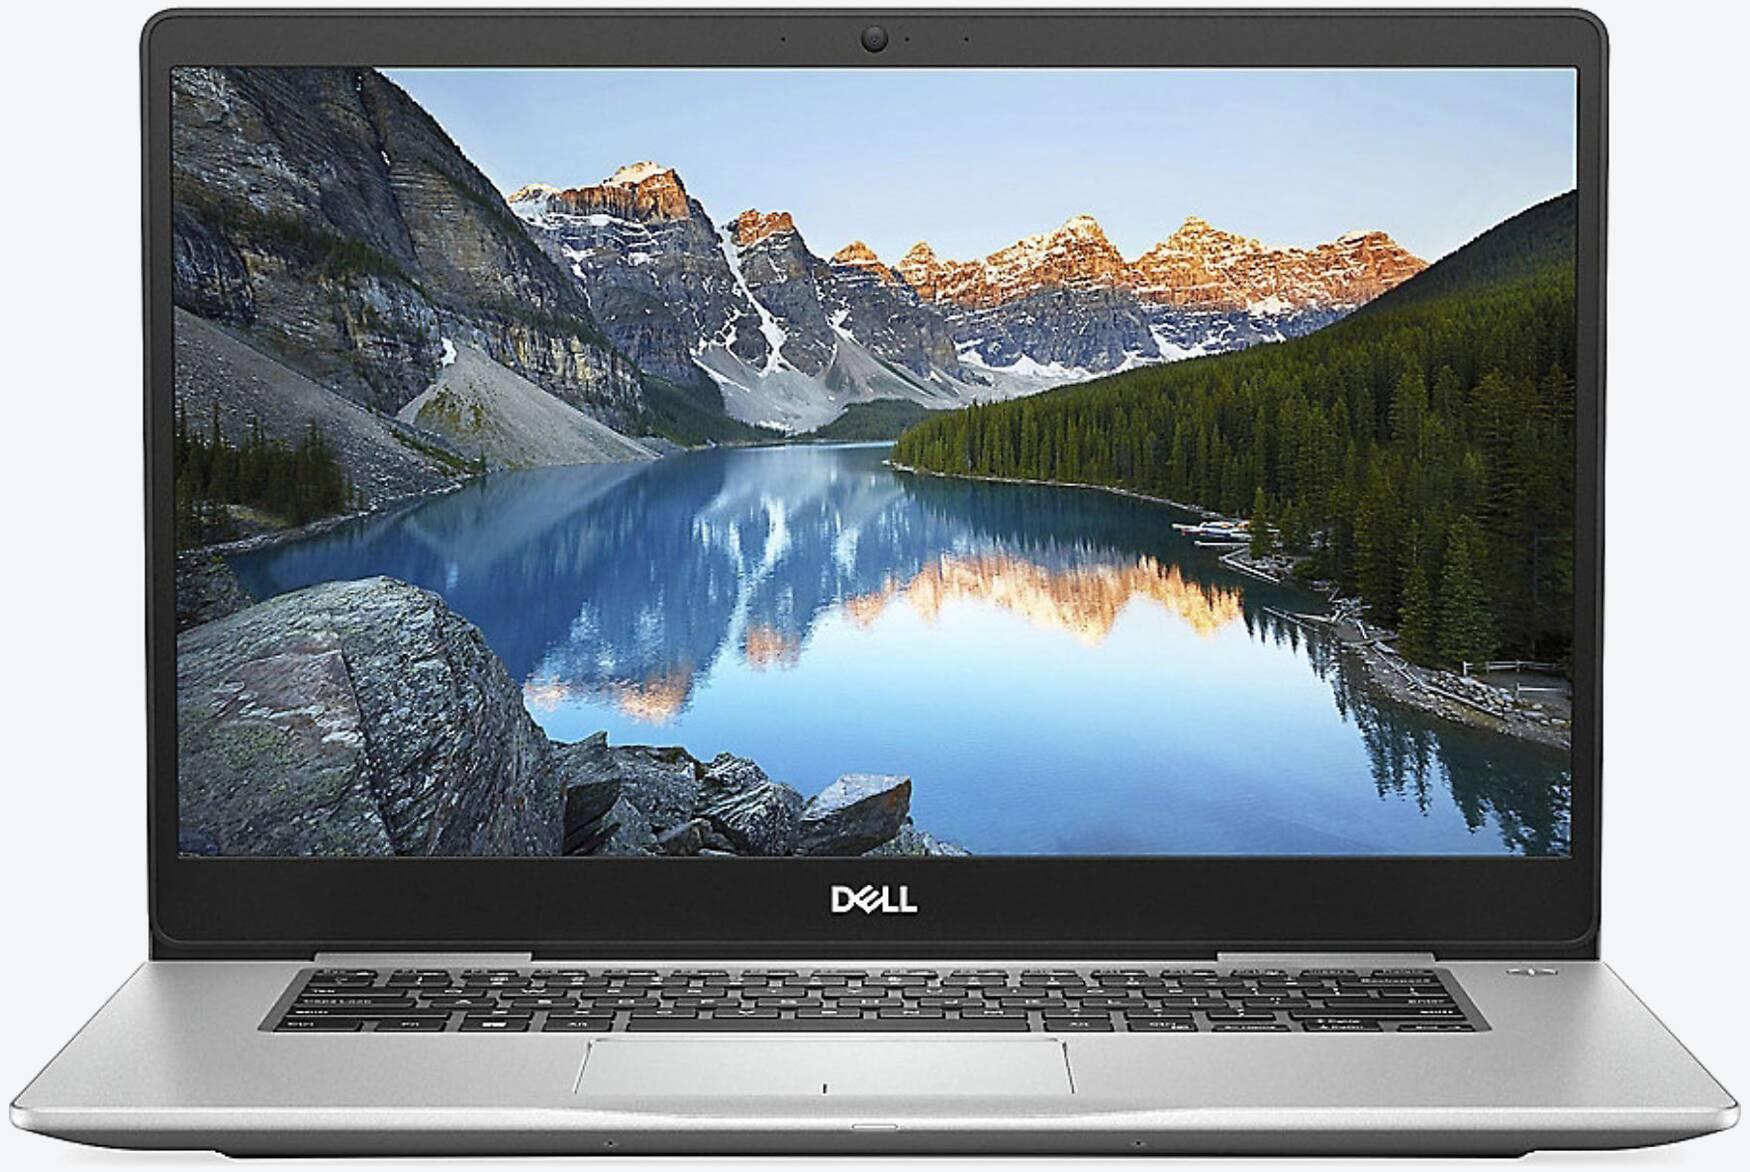 Dell Inspiron 15 7580-2249